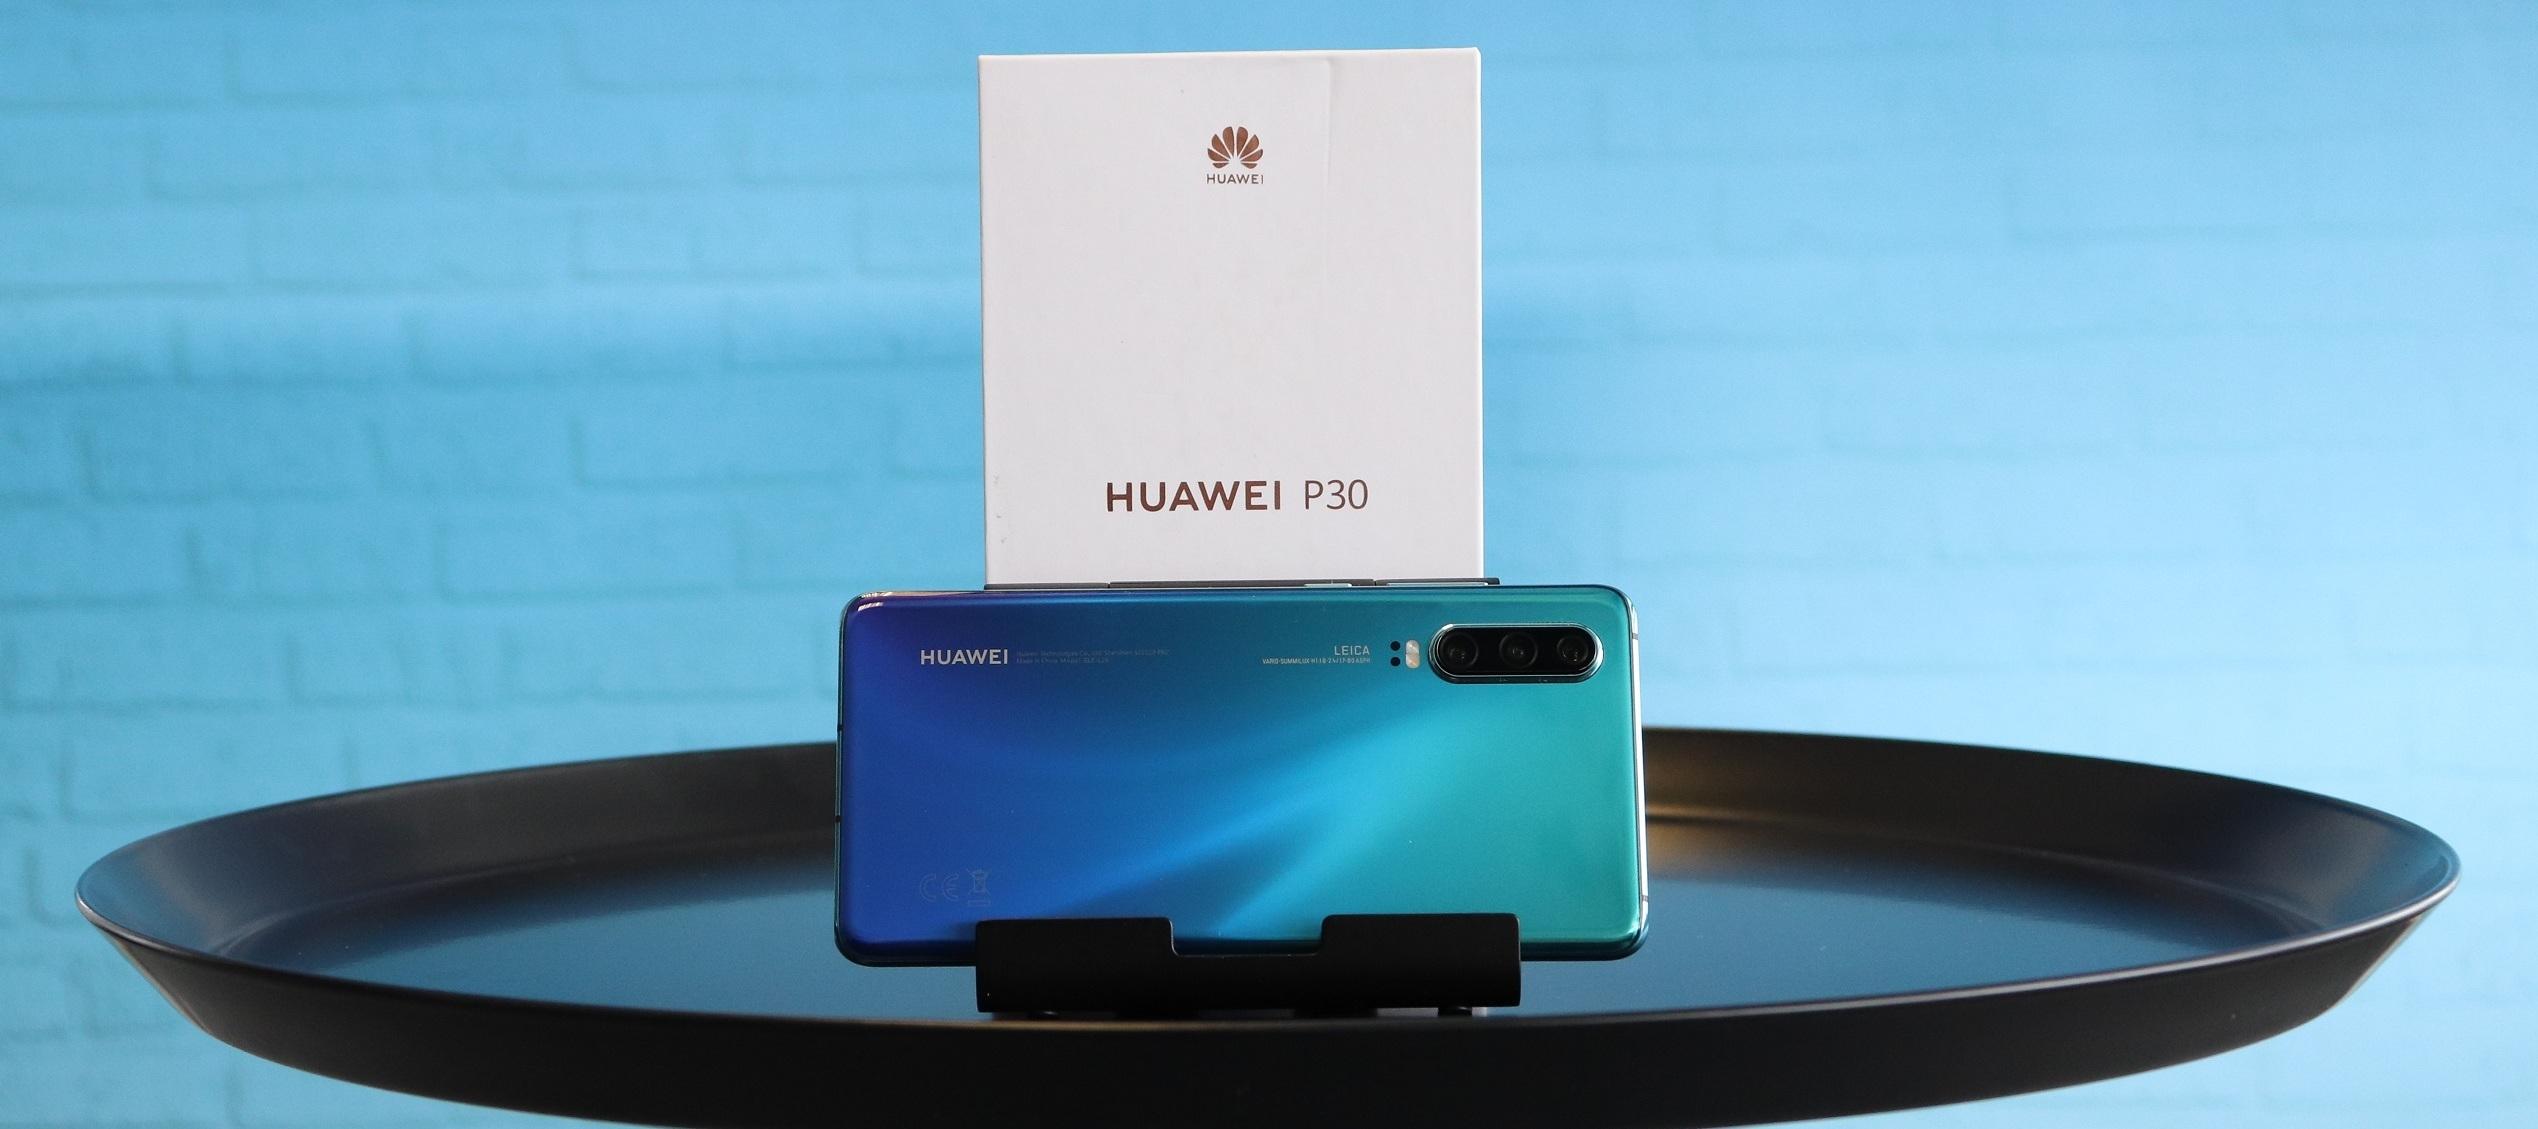 Huawei P30 Testgerät: Du möchtest Smartphone-Tester/in werden? Dann bewirb dich jetzt!